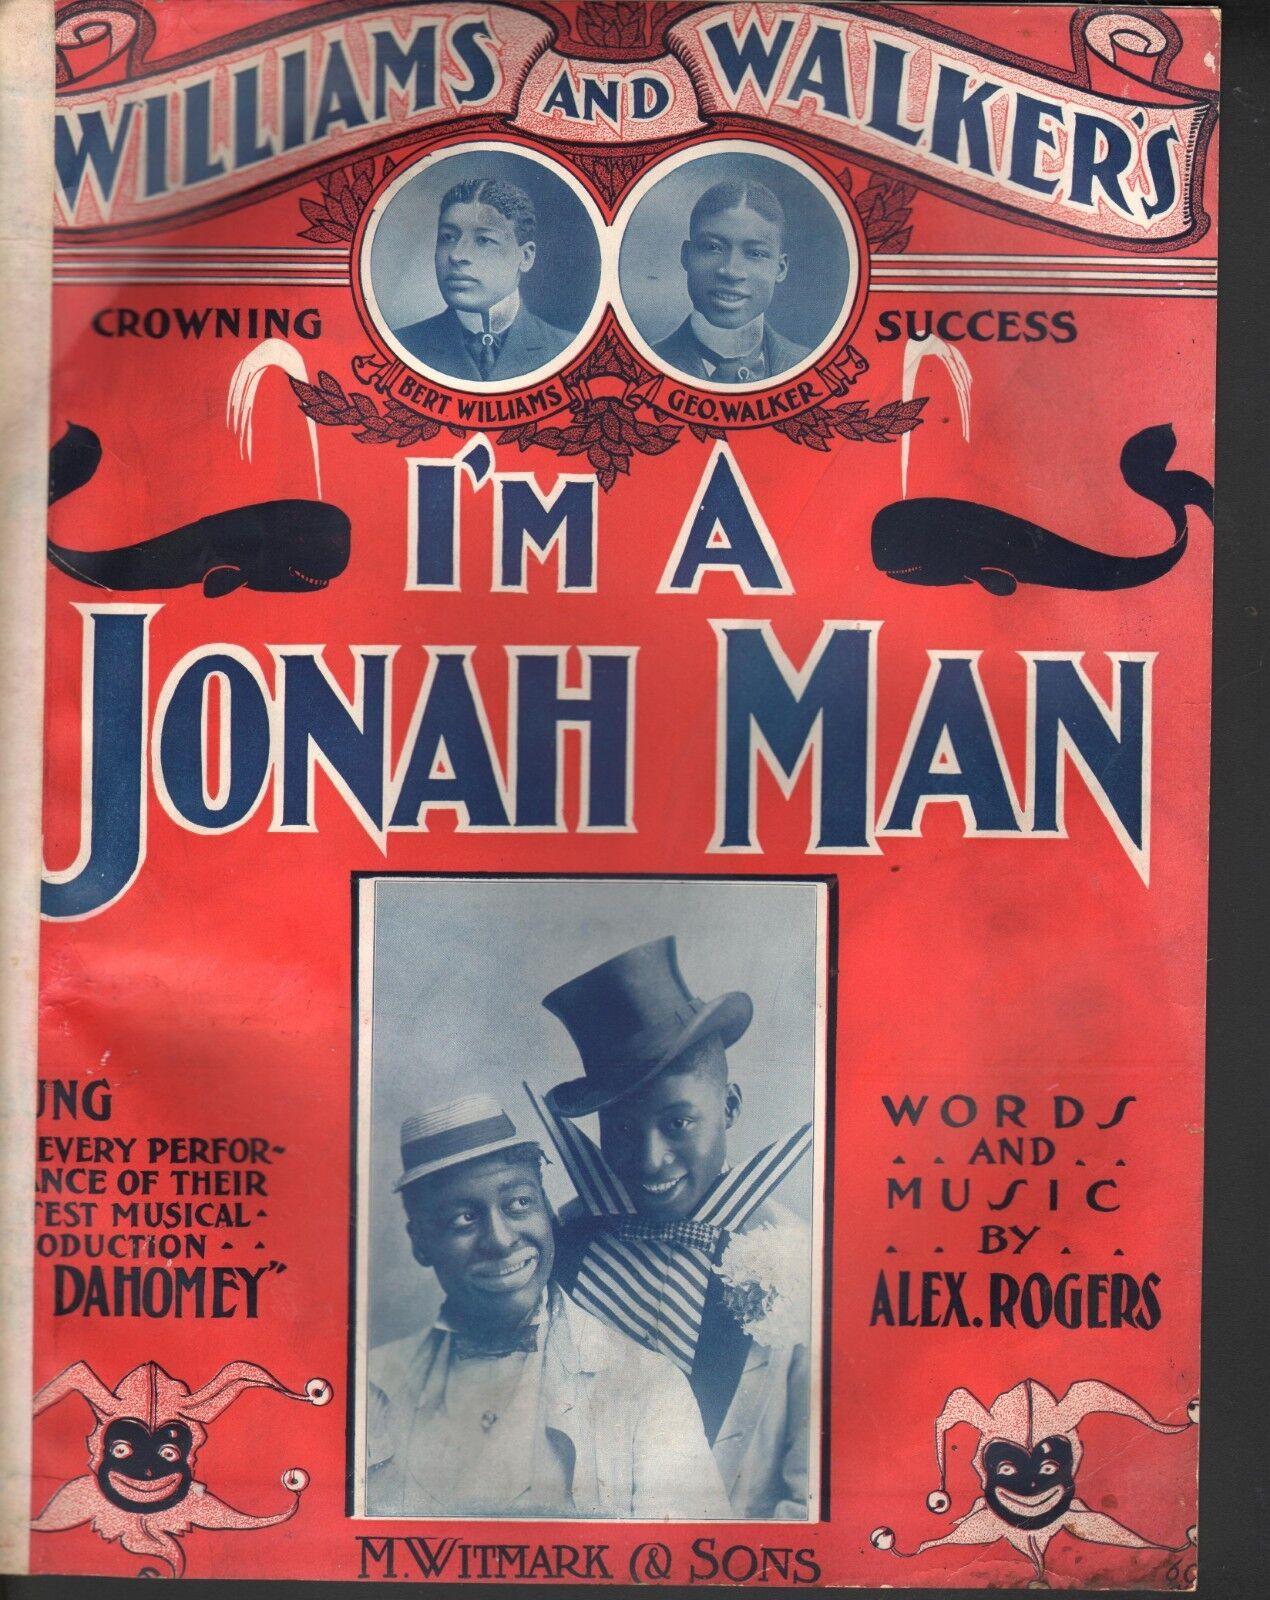 I'm A Johan Man 1903 Bert Williams George Walker - Dahomey Lg Format Sheet Music